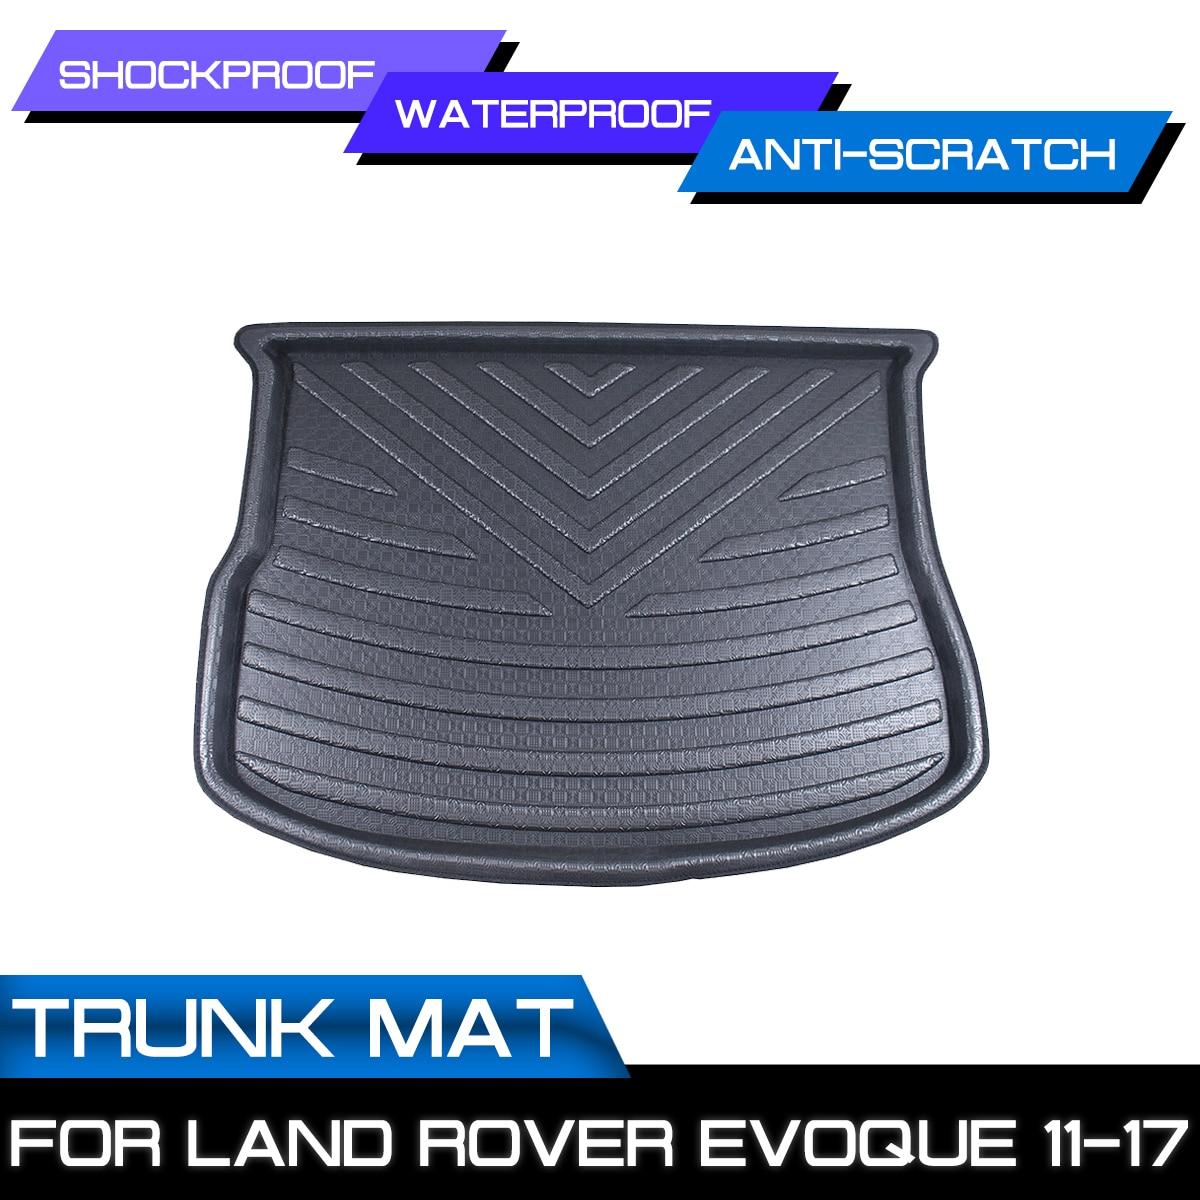 Araba arka bagaj önyükleme Mat su geçirmez paspaslar halı Anti çamur tepsi kargo astar Land Rover Evoque için 2011 2012 2013 2017 title=